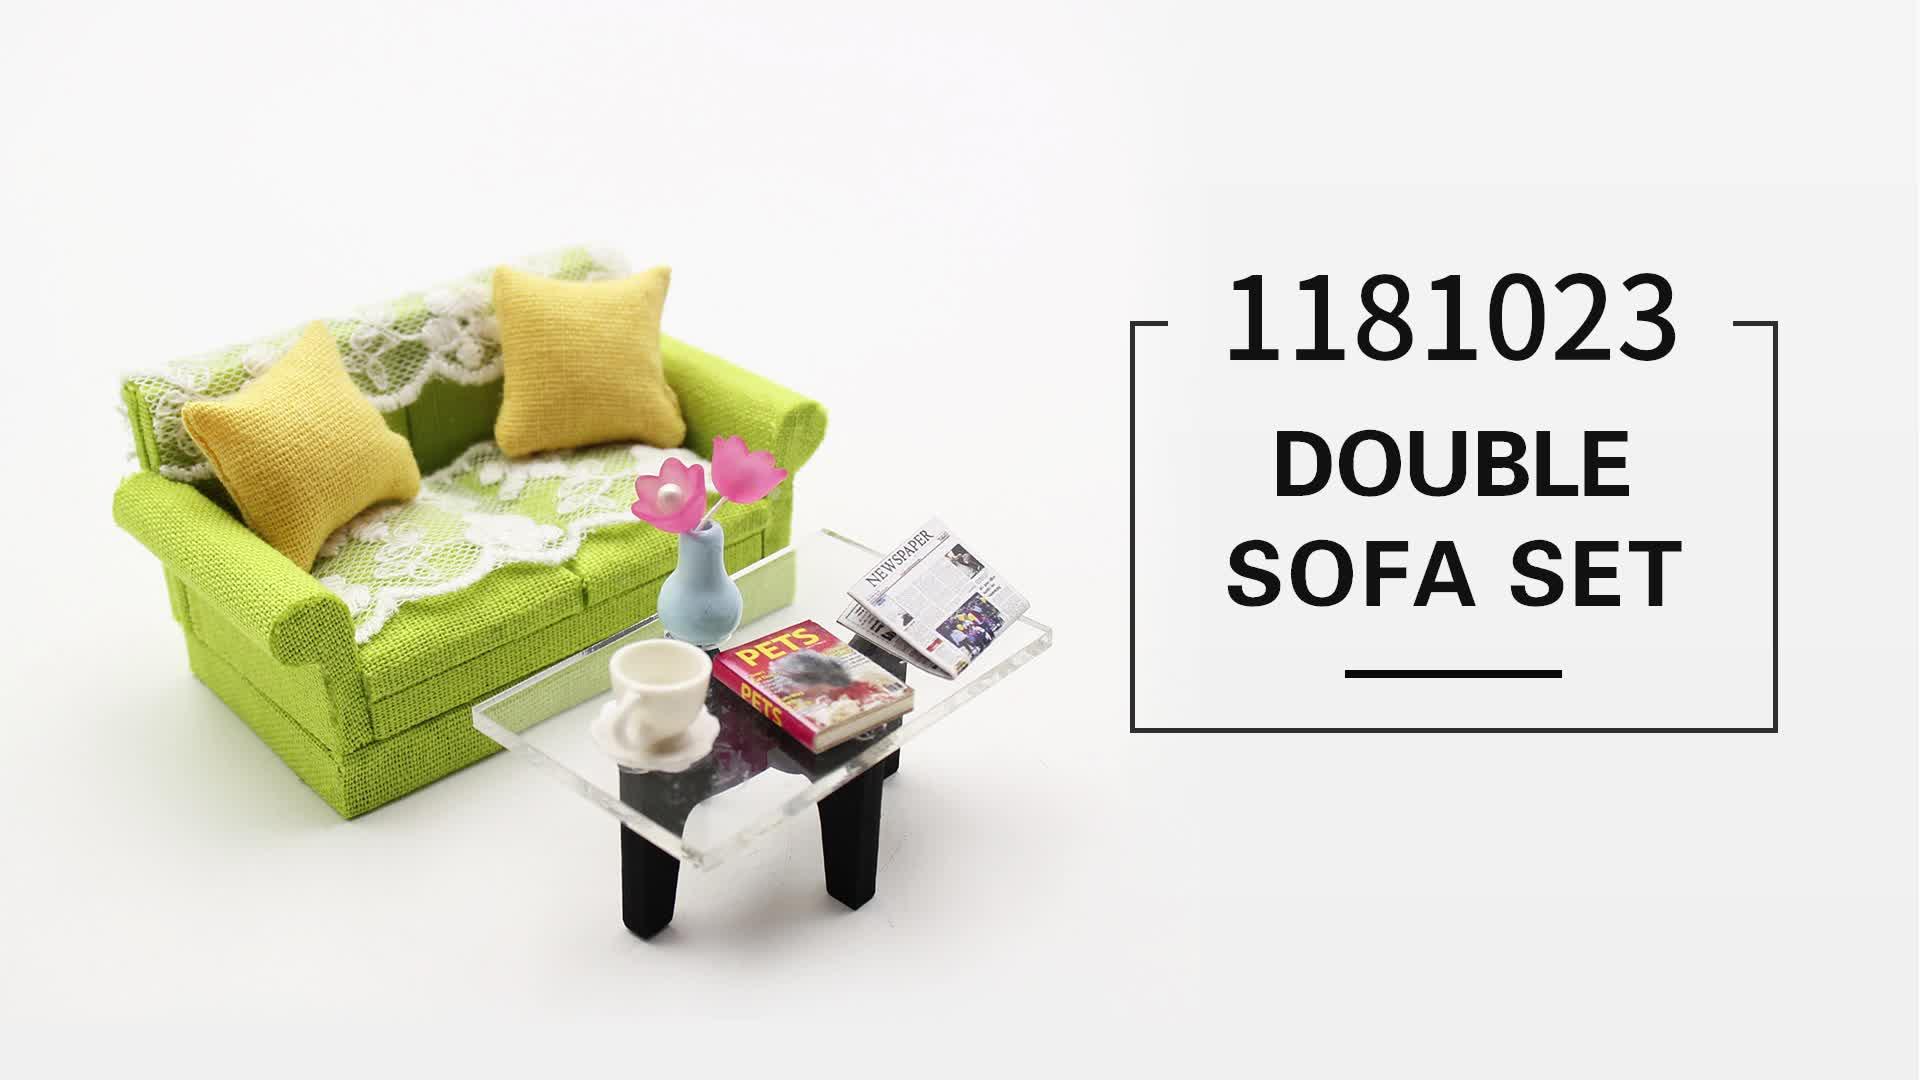 1/18 skala handgefertigten möbel modell spielzeug, moderne puppe möbel